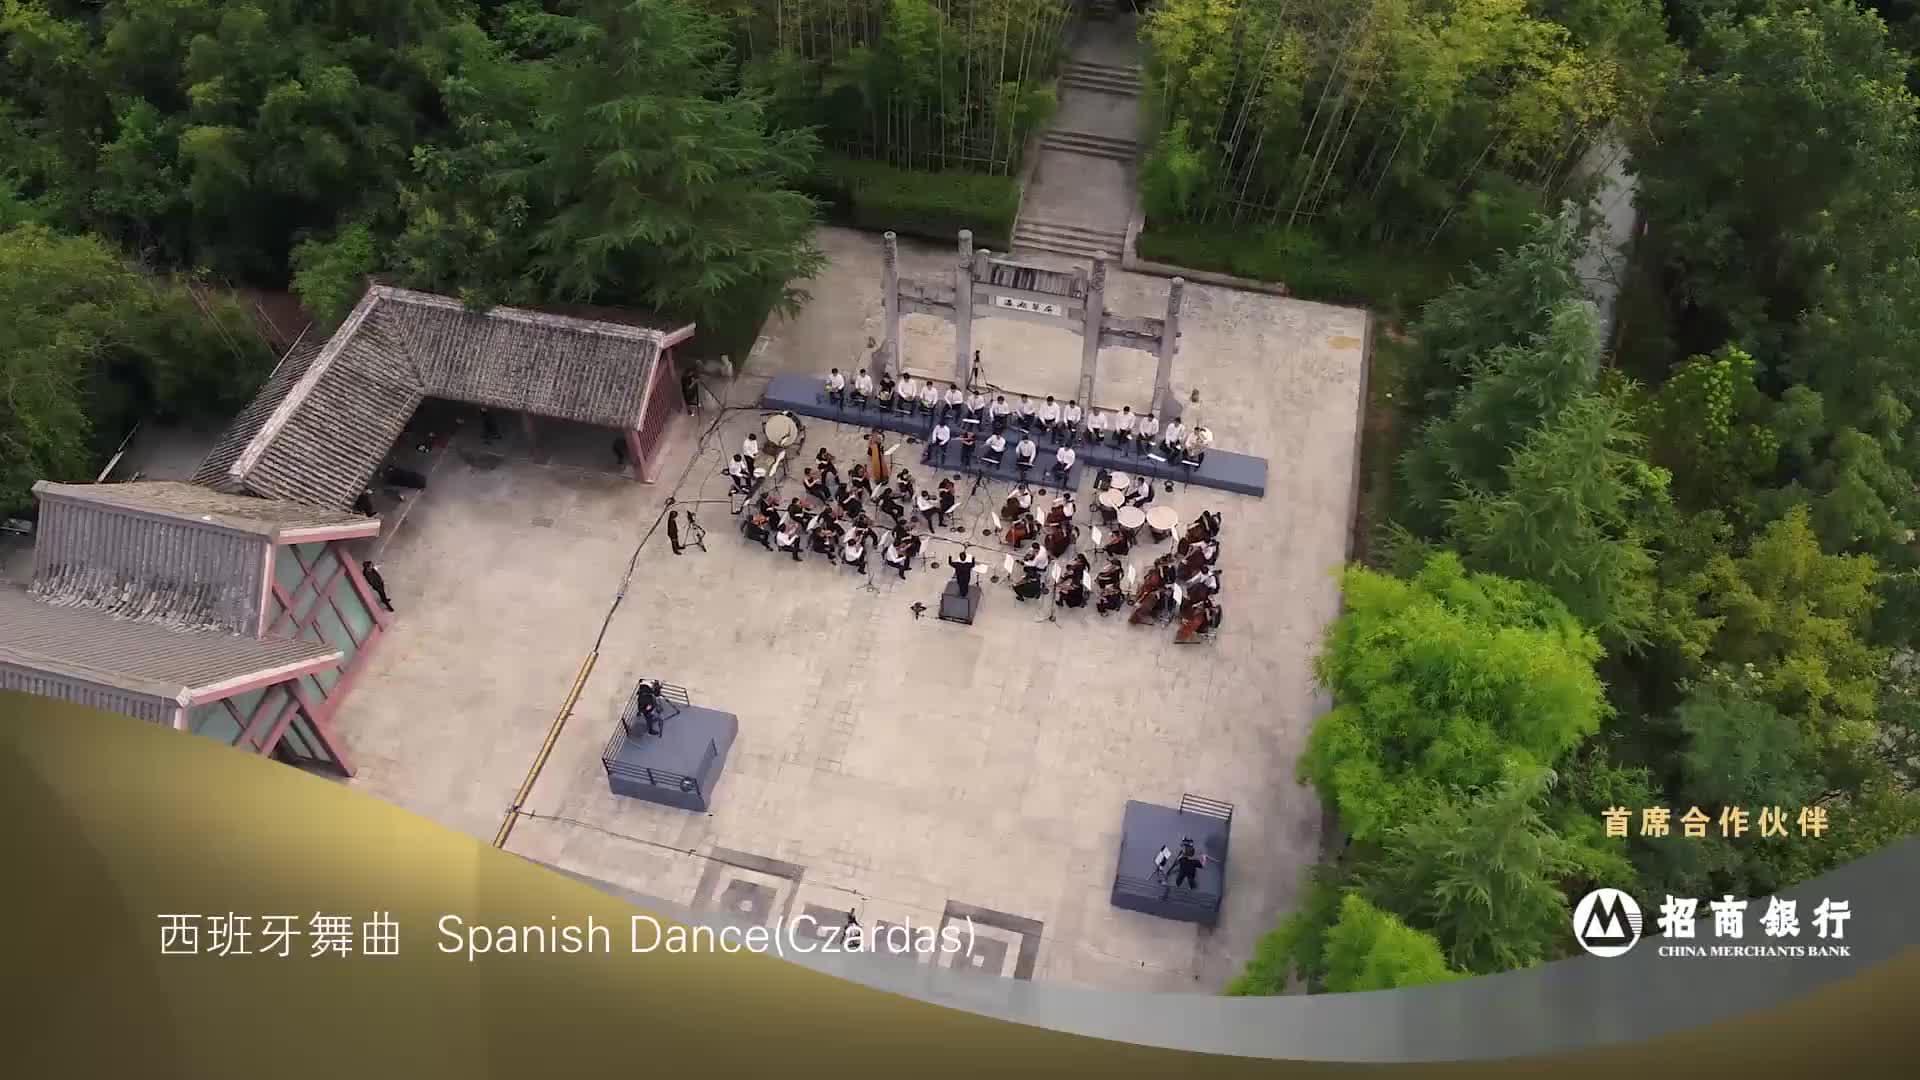 瀛湖揽月音乐会——《西班牙舞曲》